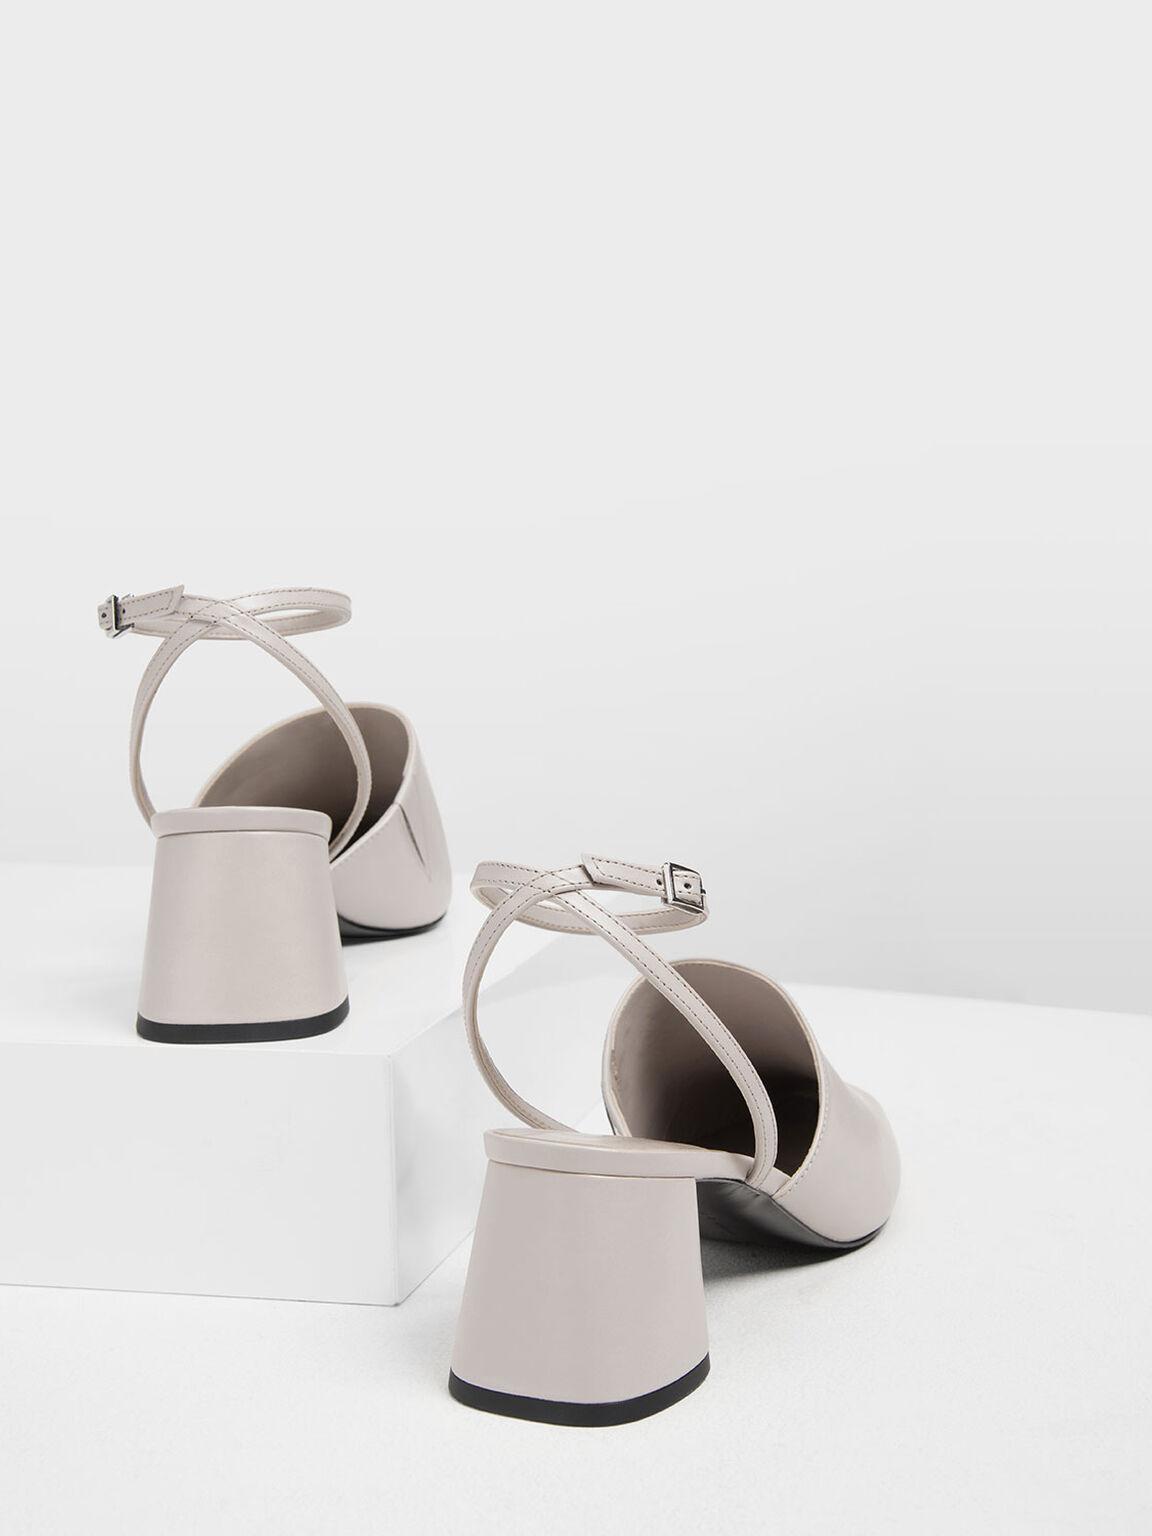 Closed Toe Block Heel Sandals, Nude, hi-res